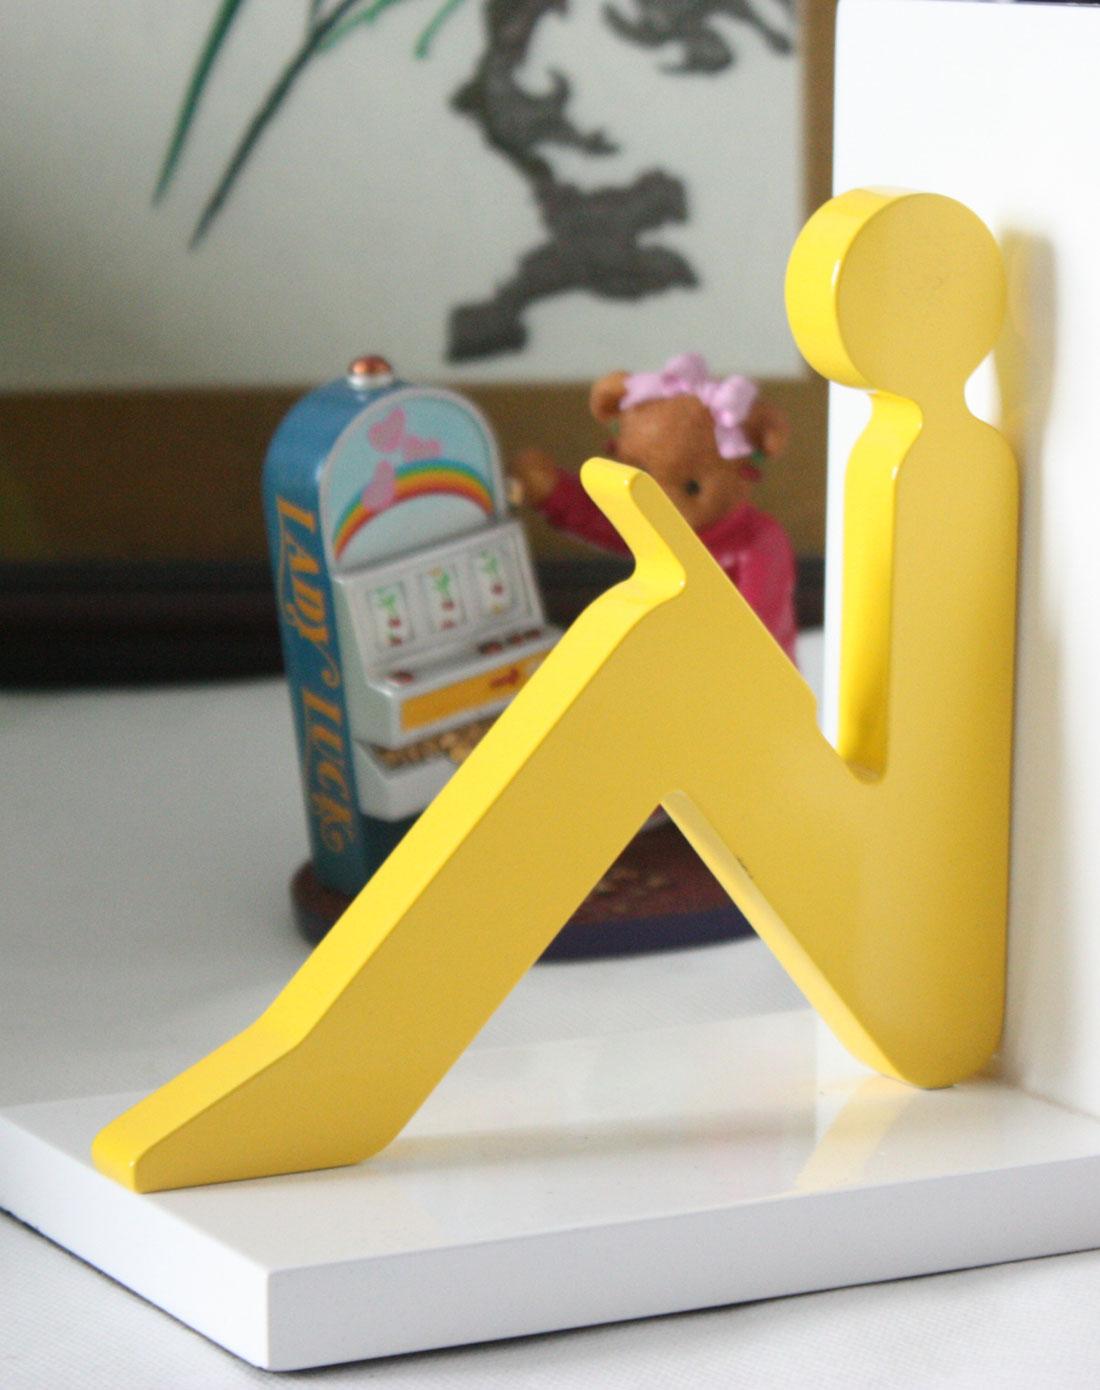 创意空间-读书人/背靠背书挡(白底红黄人)